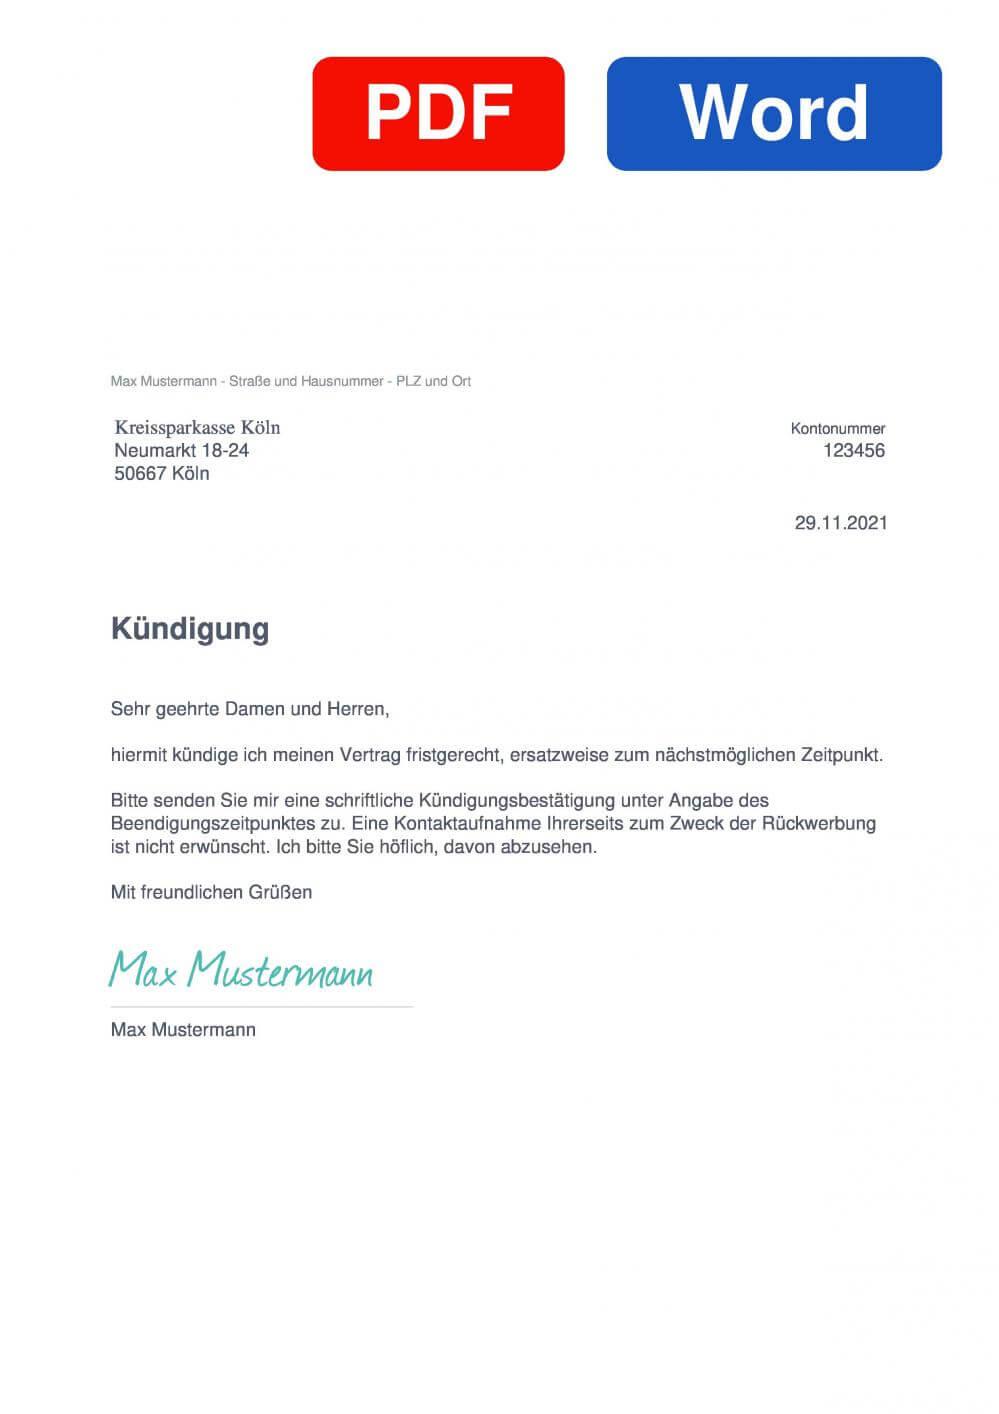 Kreissparkasse Köln Muster Vorlage für Kündigungsschreiben